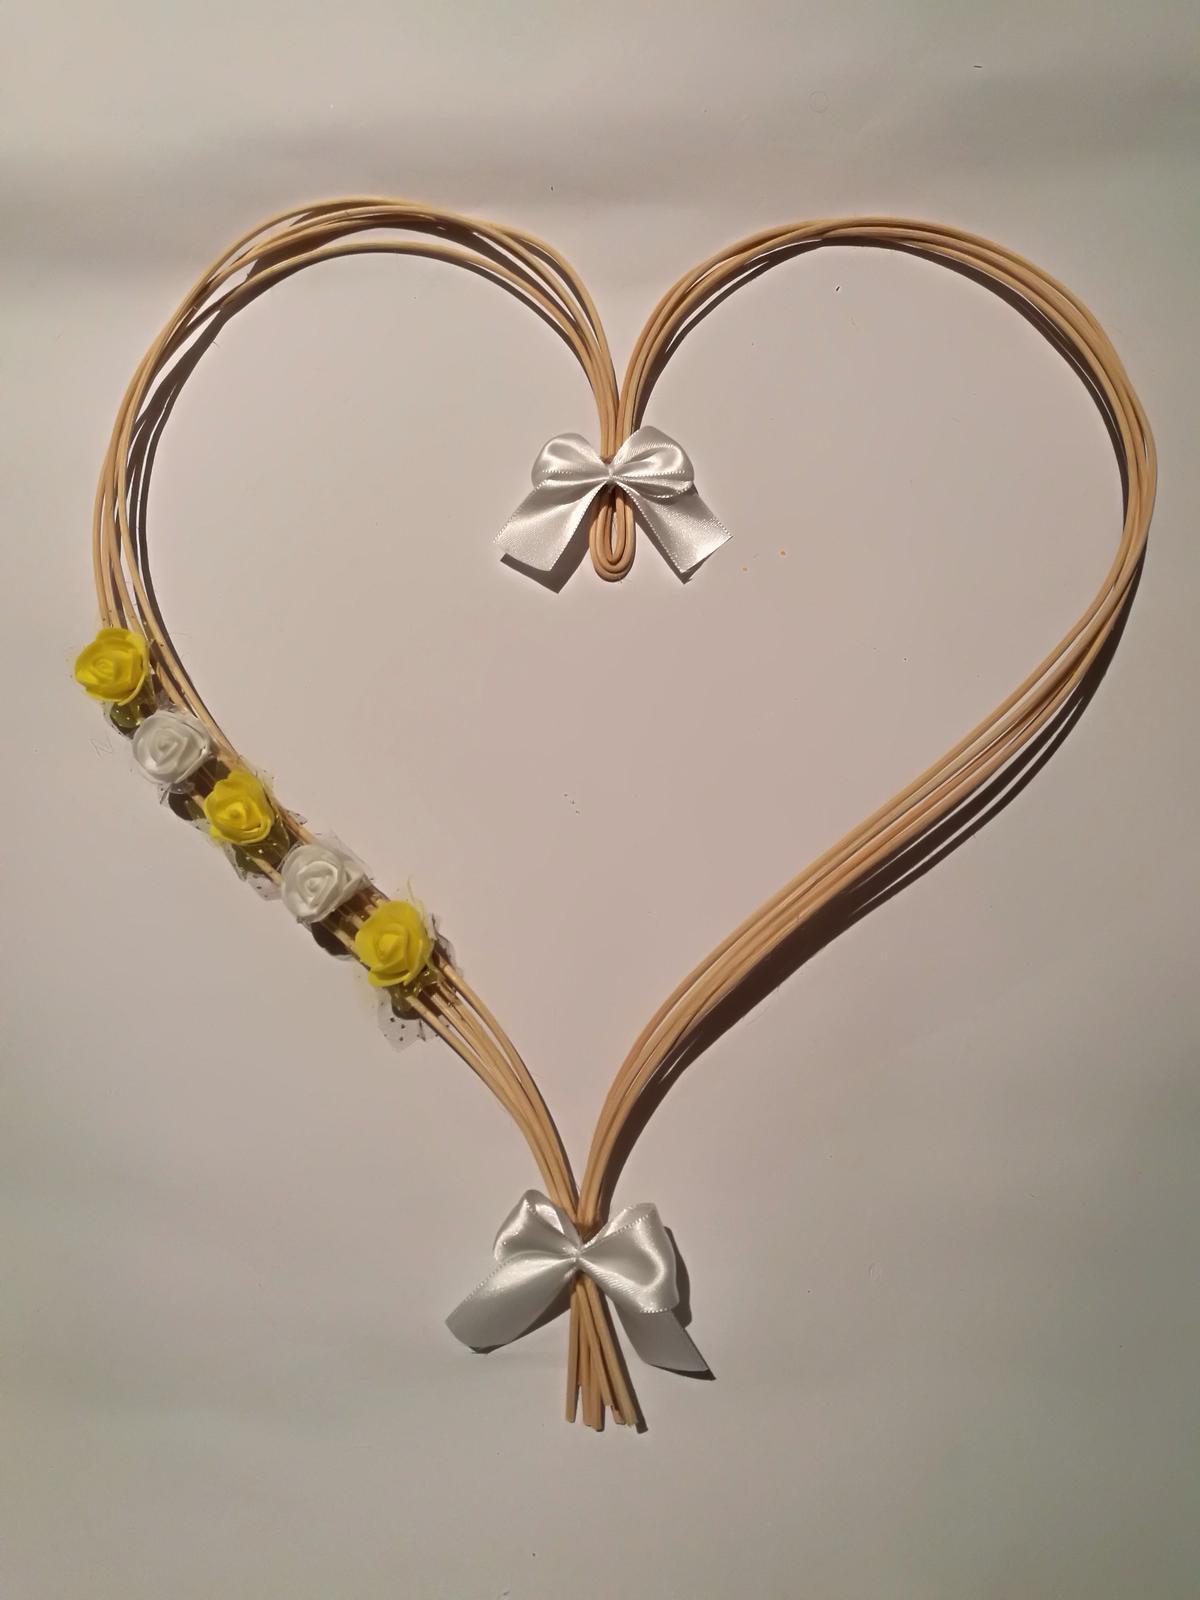 Pedigové srdce - barva na přání - Obrázek č. 1